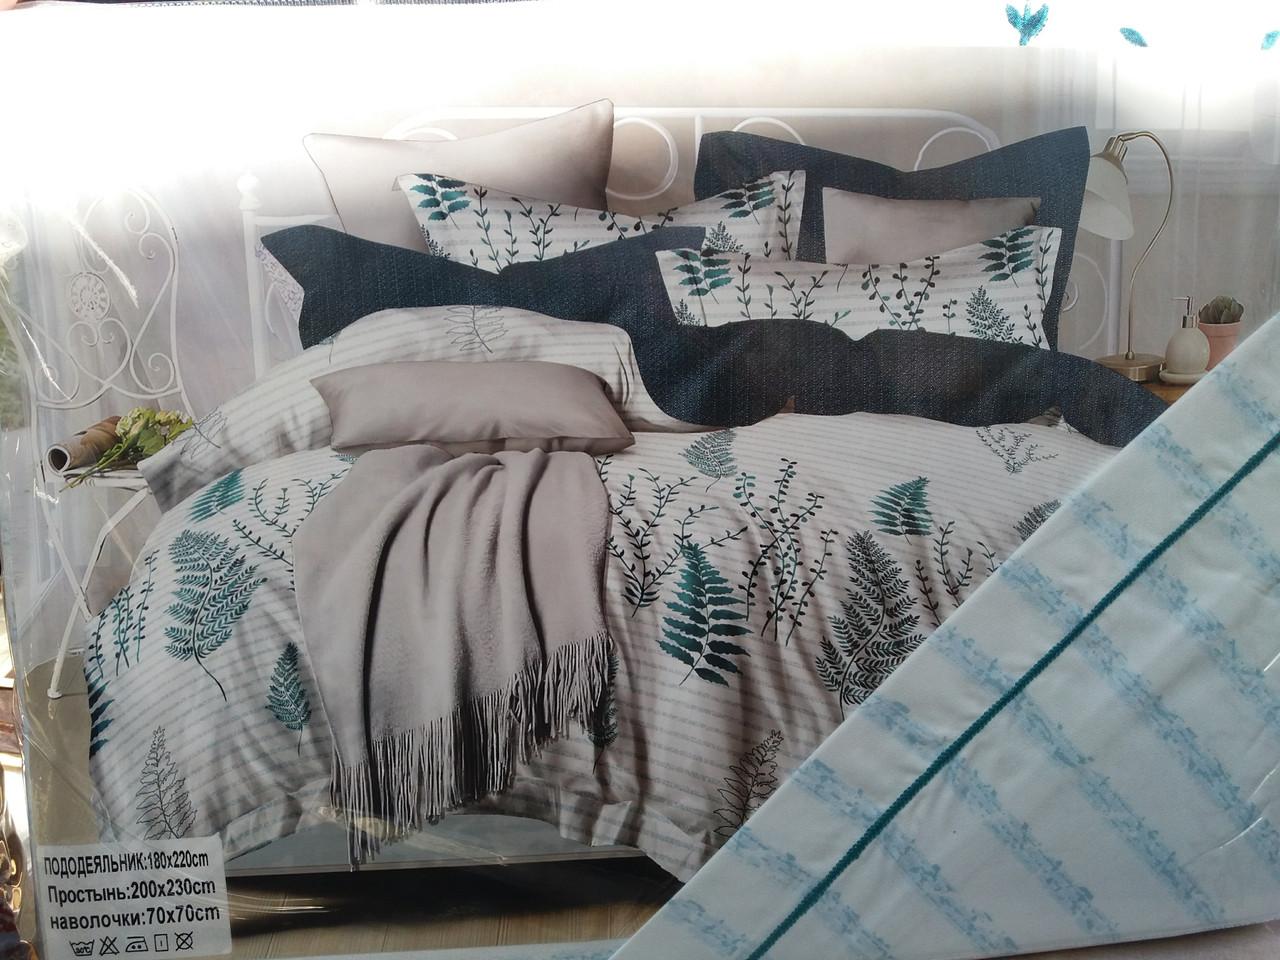 Постільна білизна 1,5 спальне Класик фланель